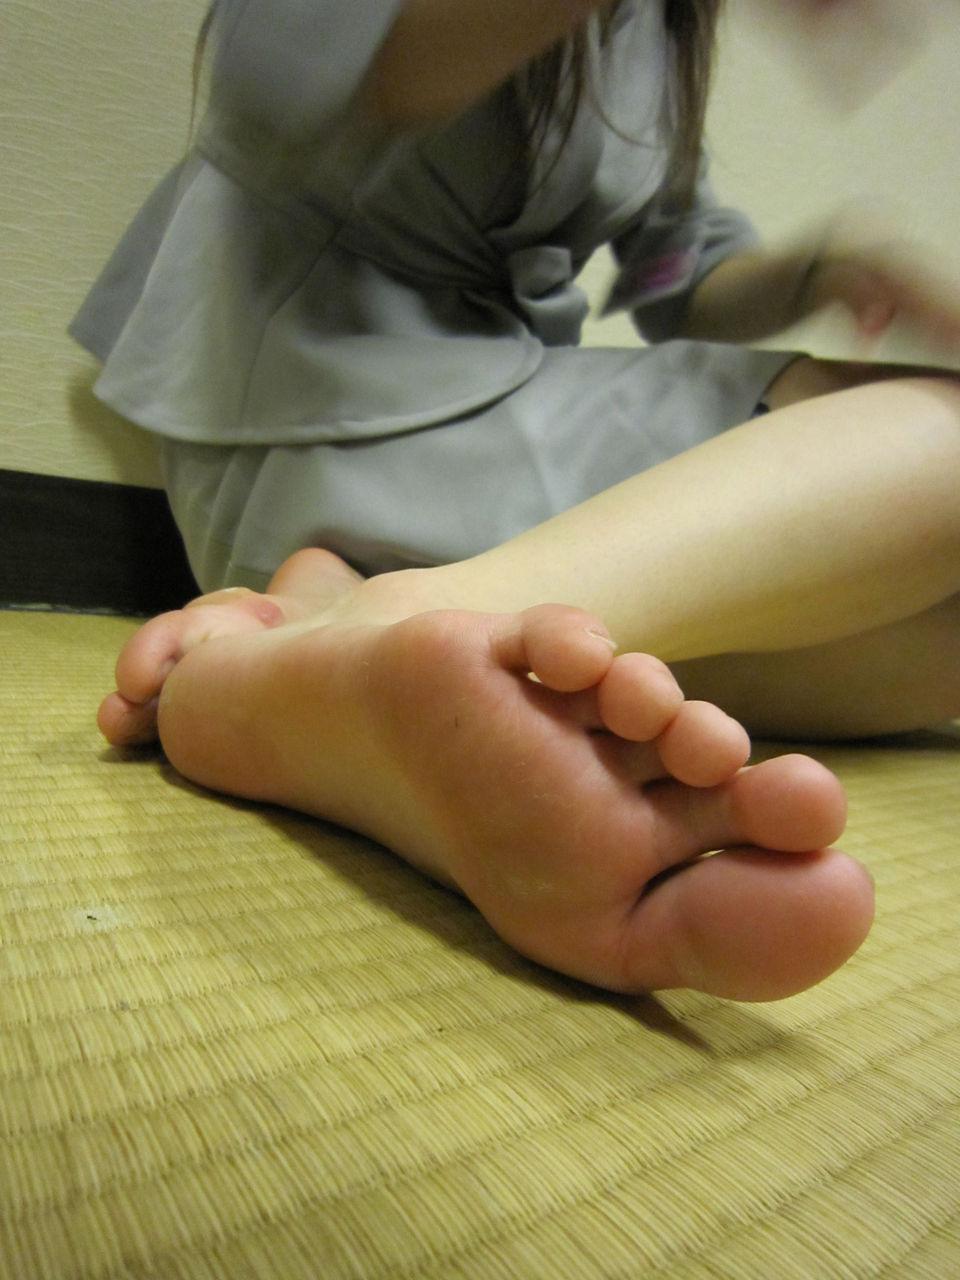 【足裏エロ画像】どんな美女のでもまずは洗ってからw舐めてみたい女の足裏www 13